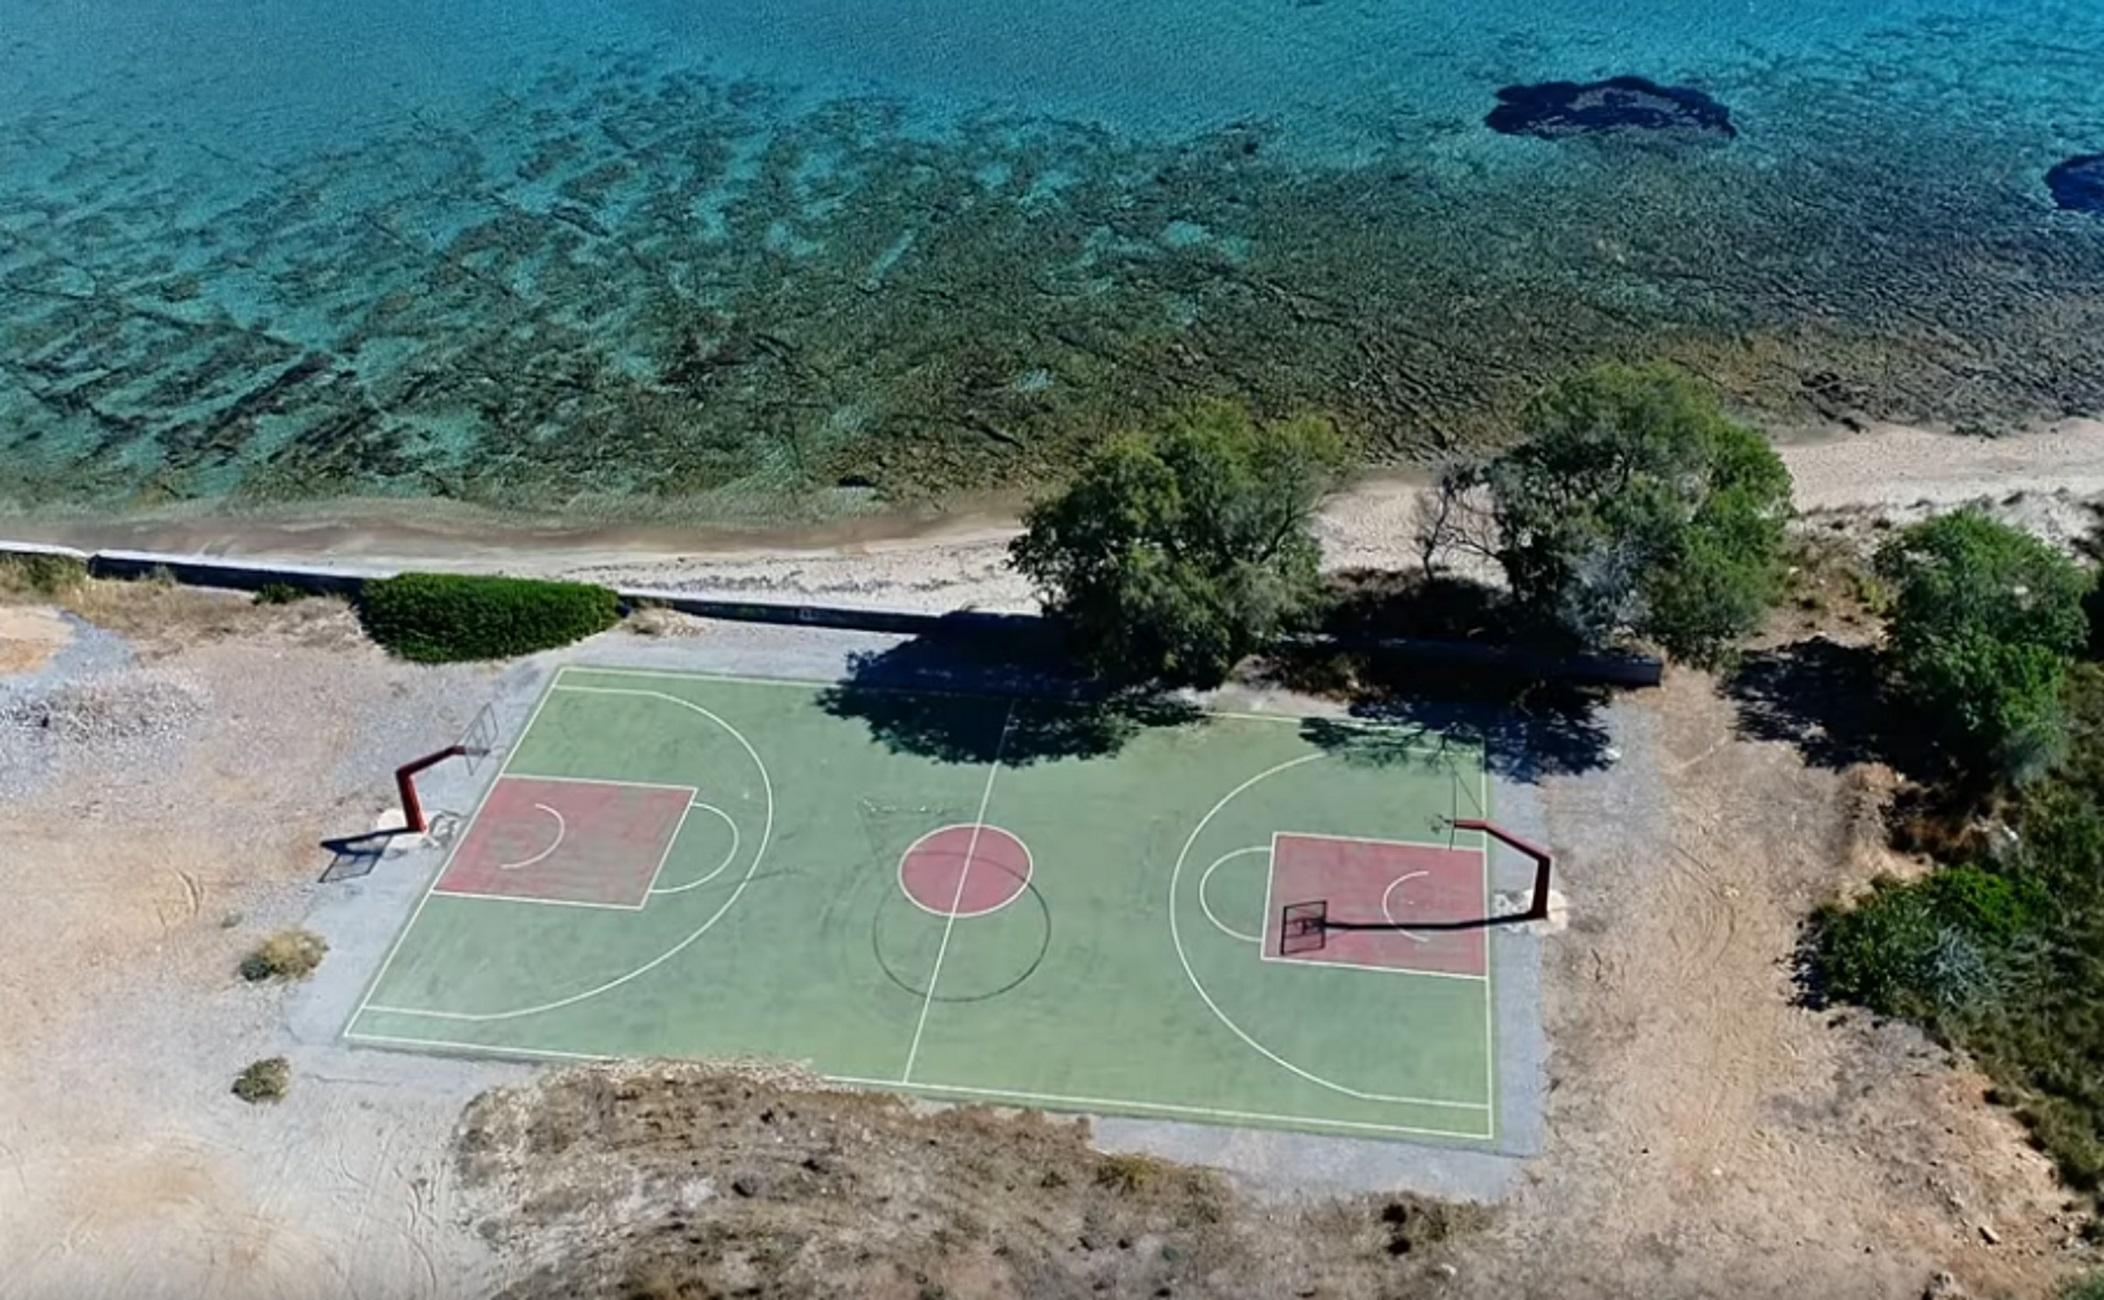 Ελαφόνησος: Αυτό είναι το πιο εξωτικό γήπεδο μπάσκετ της χώρας! Εκπληκτικές εικόνες από drone (Βίντεο)